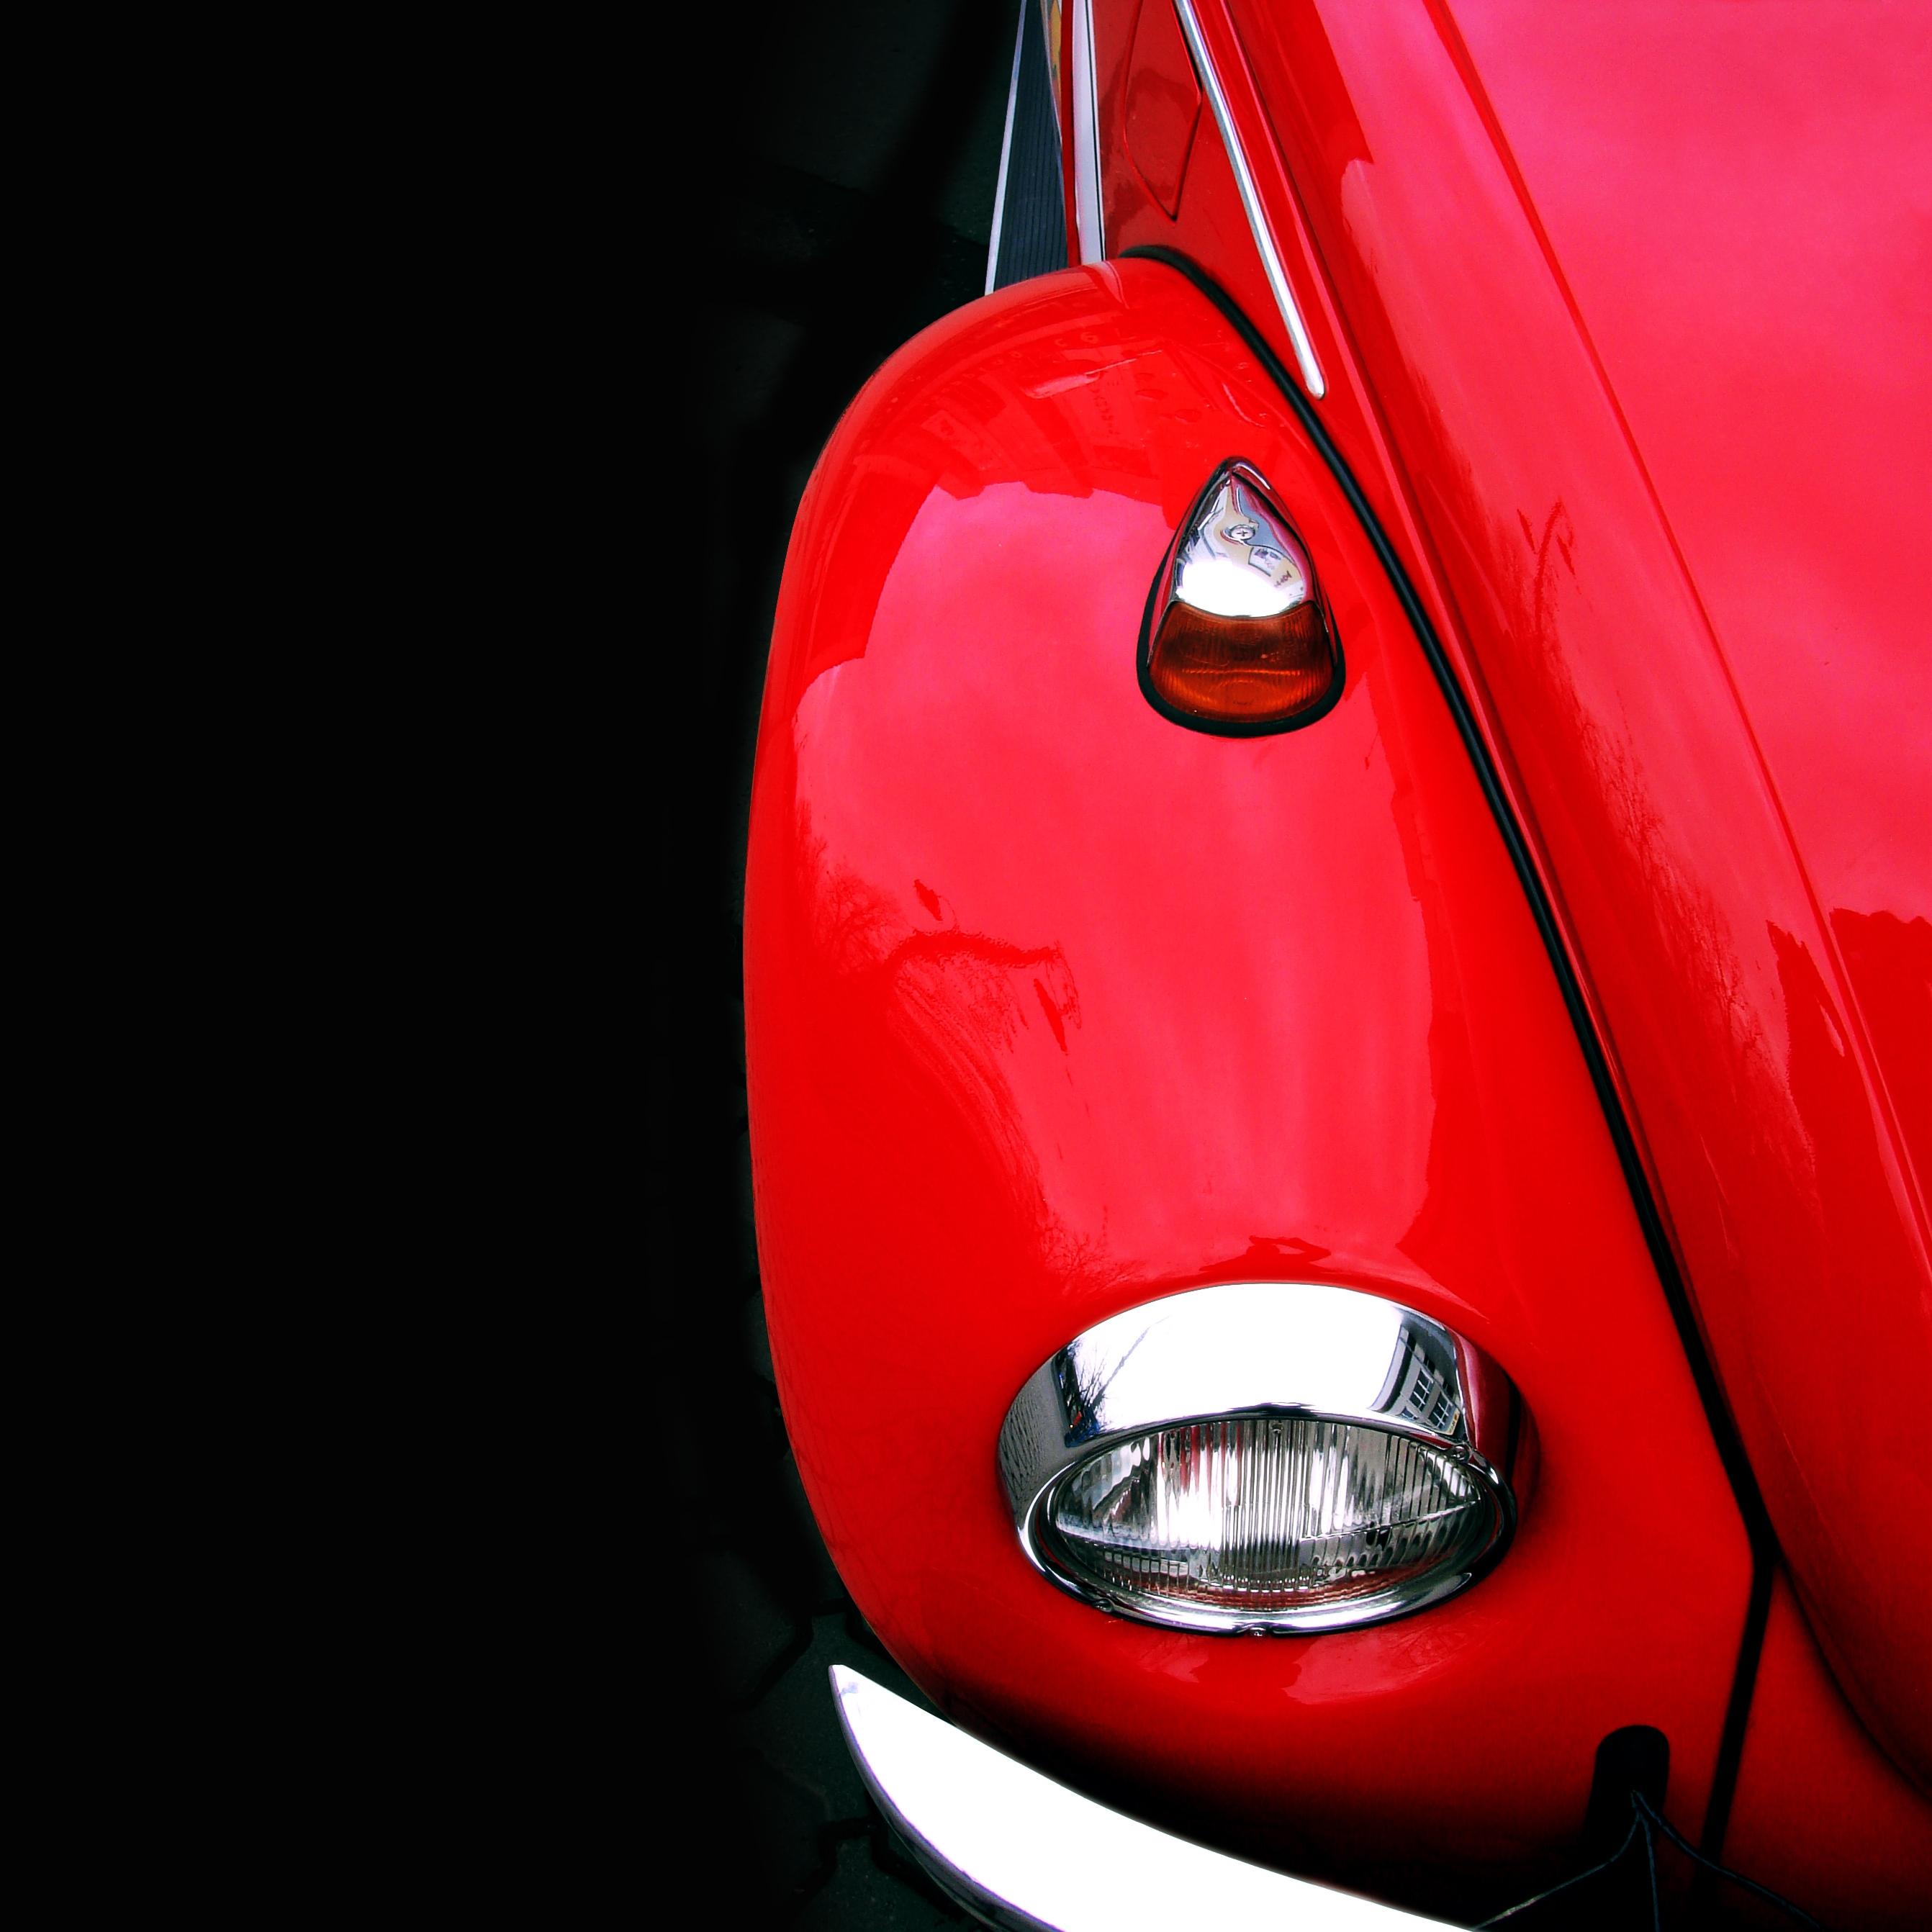 programa software erp venta taller reparacion coche   Deisa - www ...